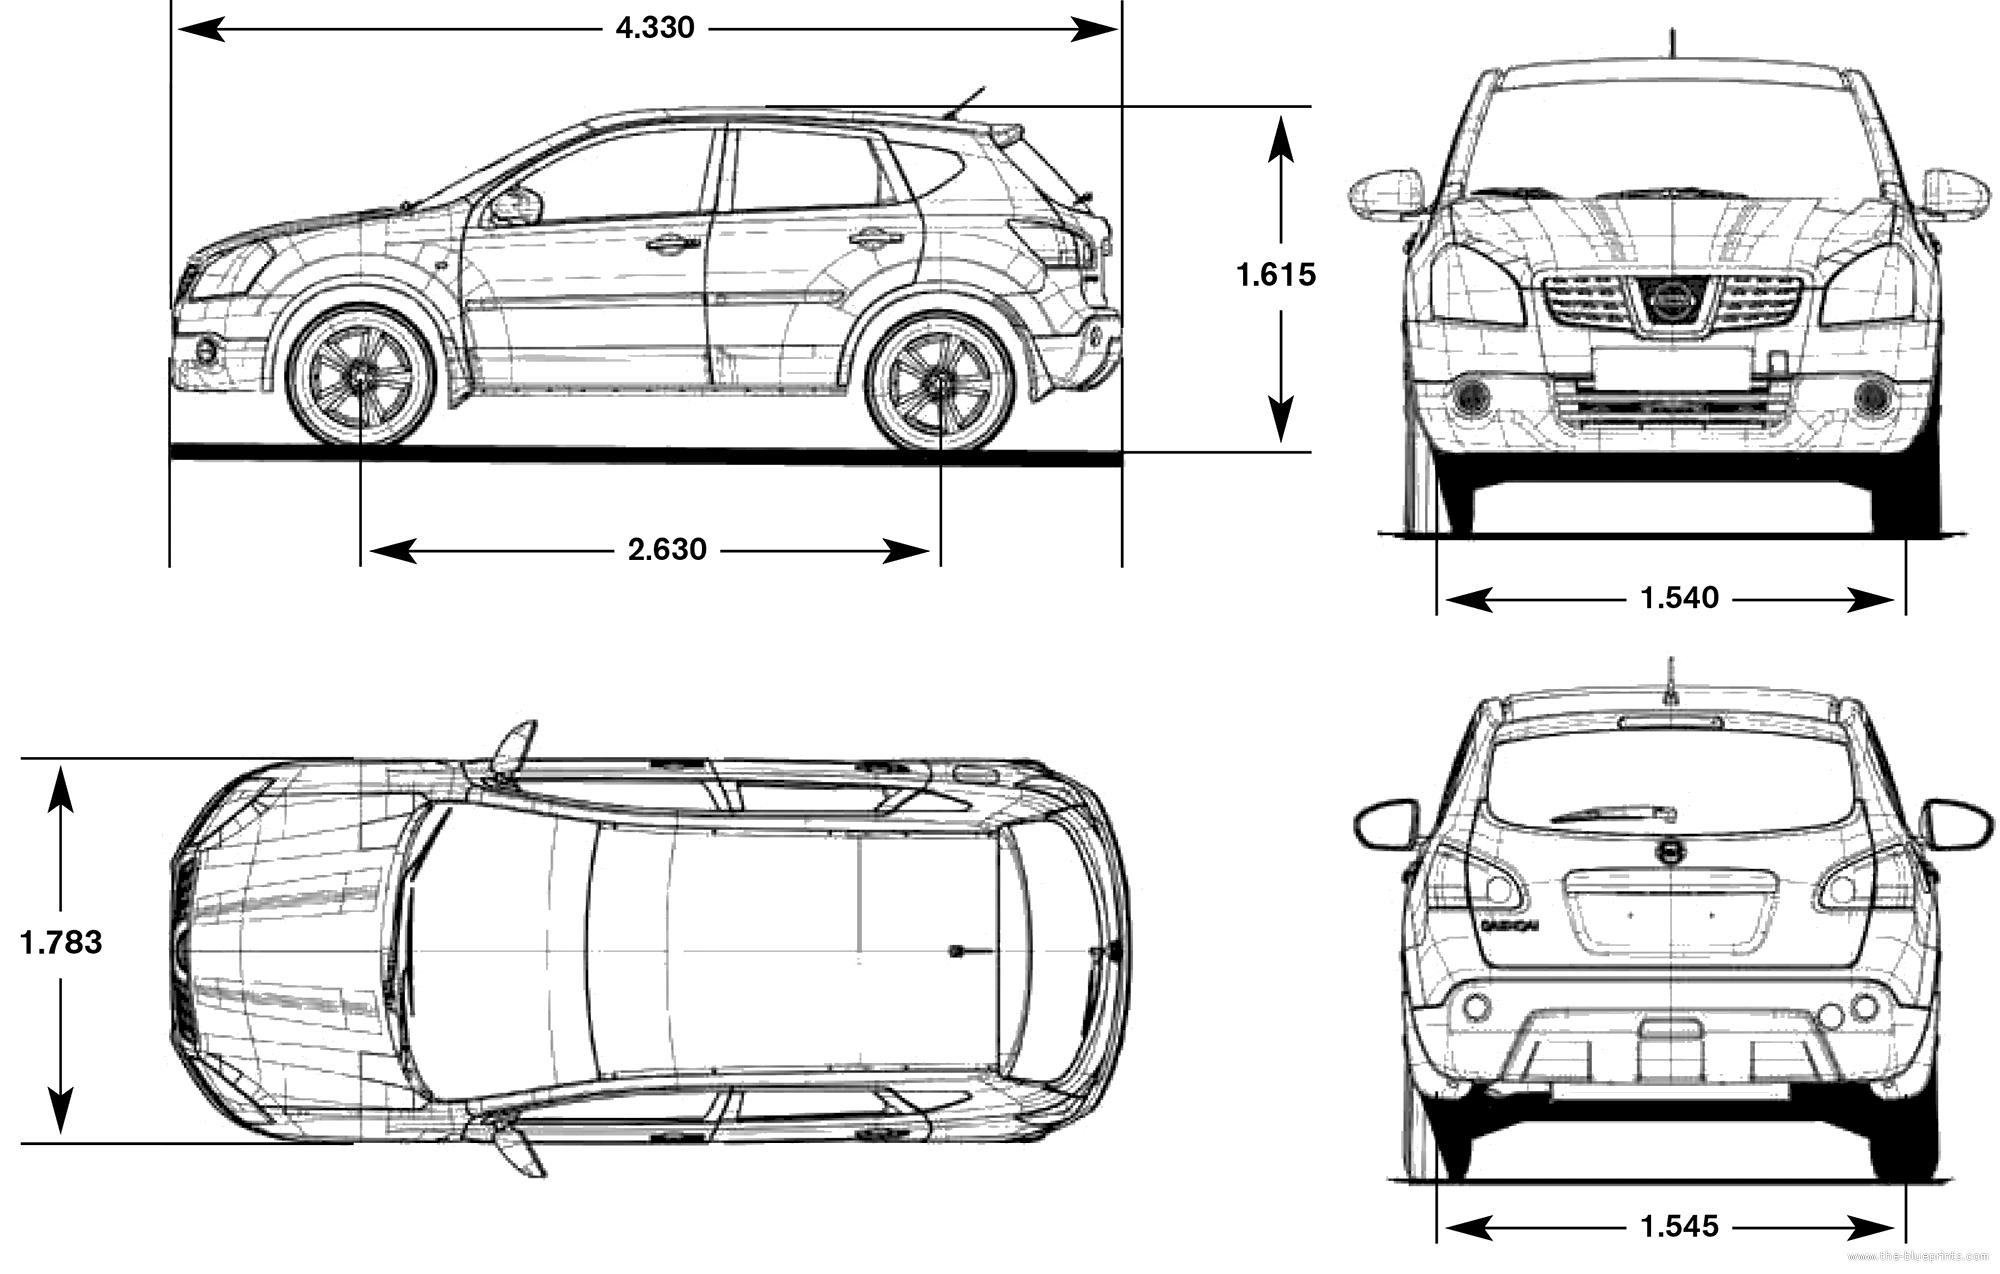 Nissan qashqai 2016 dimensions